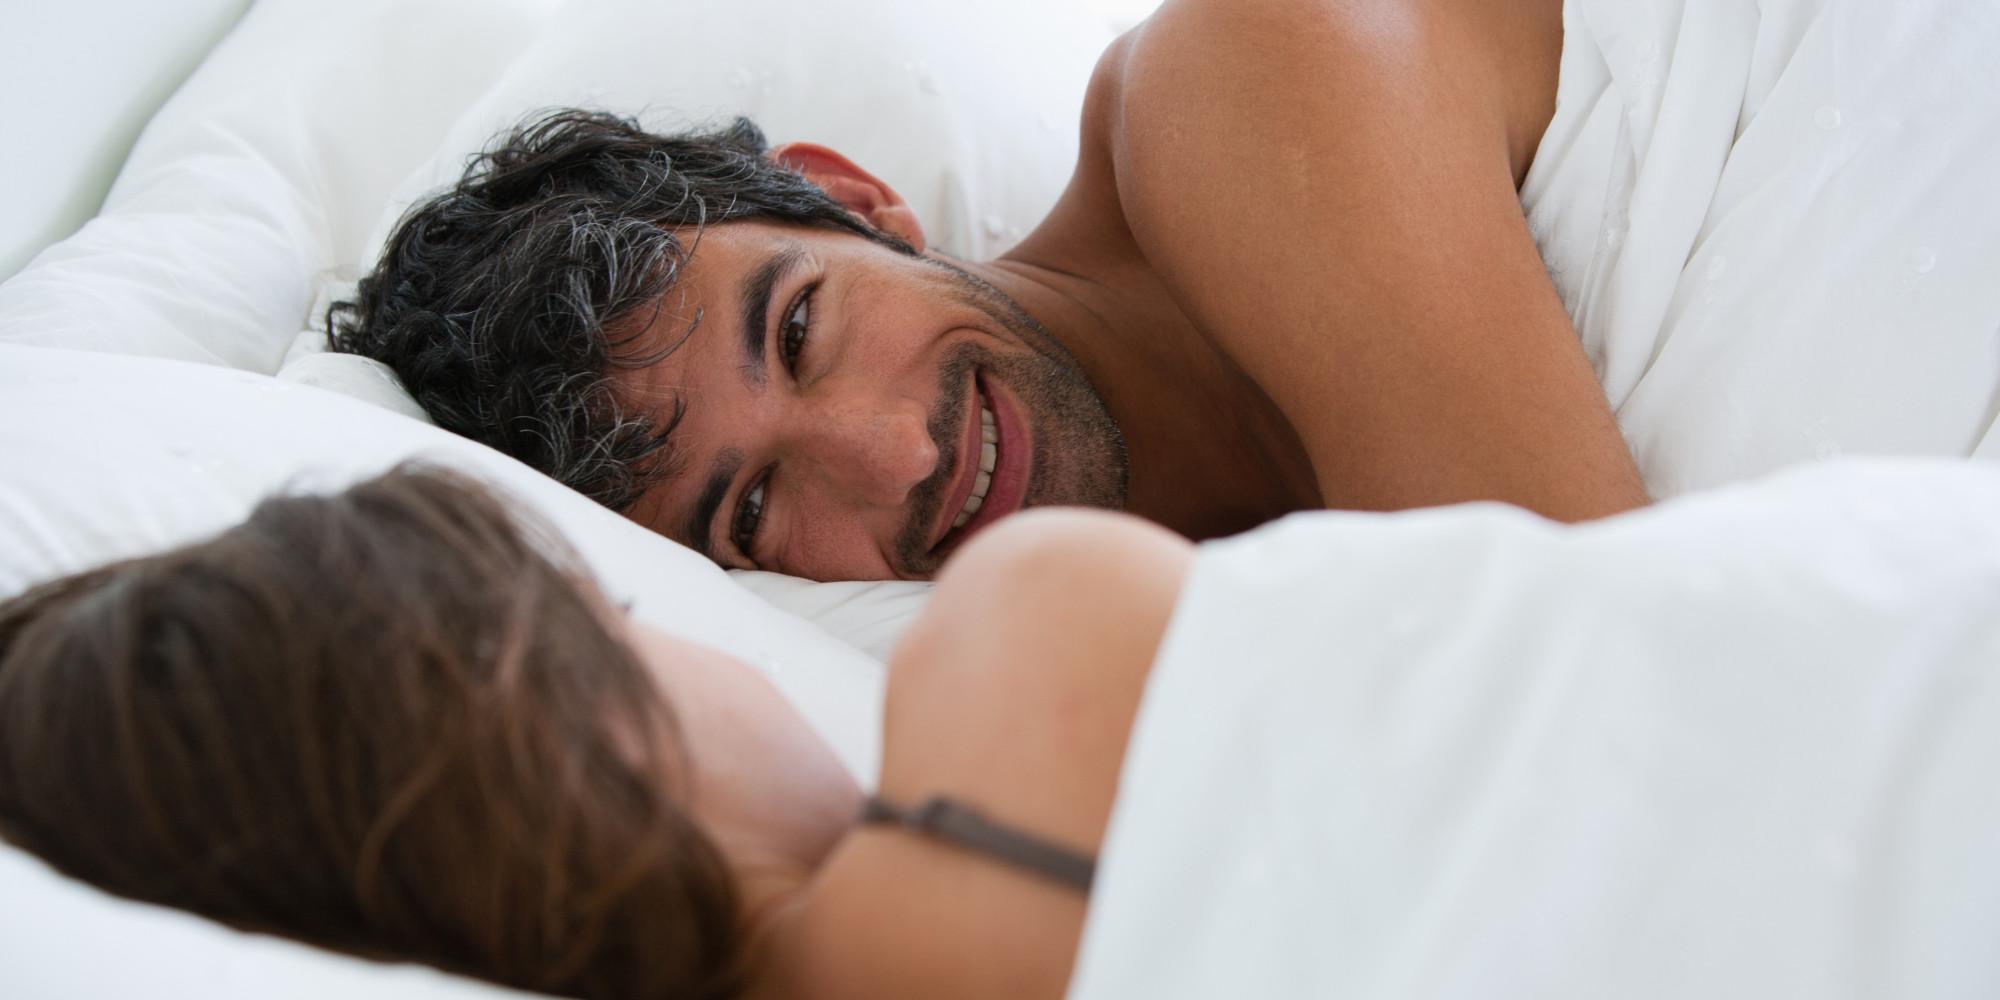 hogyan izgathatja az ember péniszét gyengült erekció a körülmetélés után